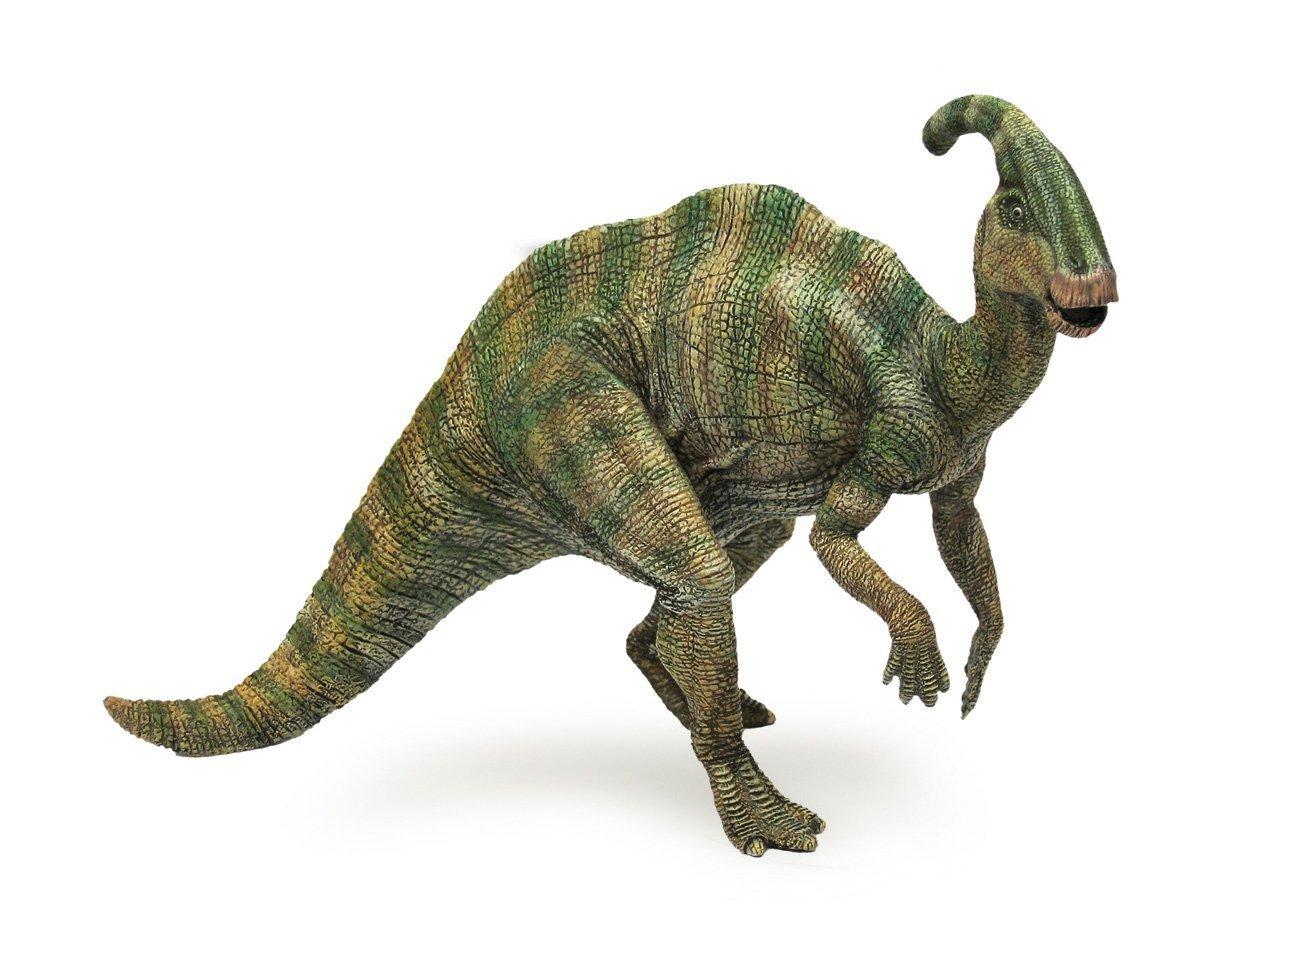 映画『ジュラシックパーク&ワールド』登場全43種の恐竜一覧解説 ...